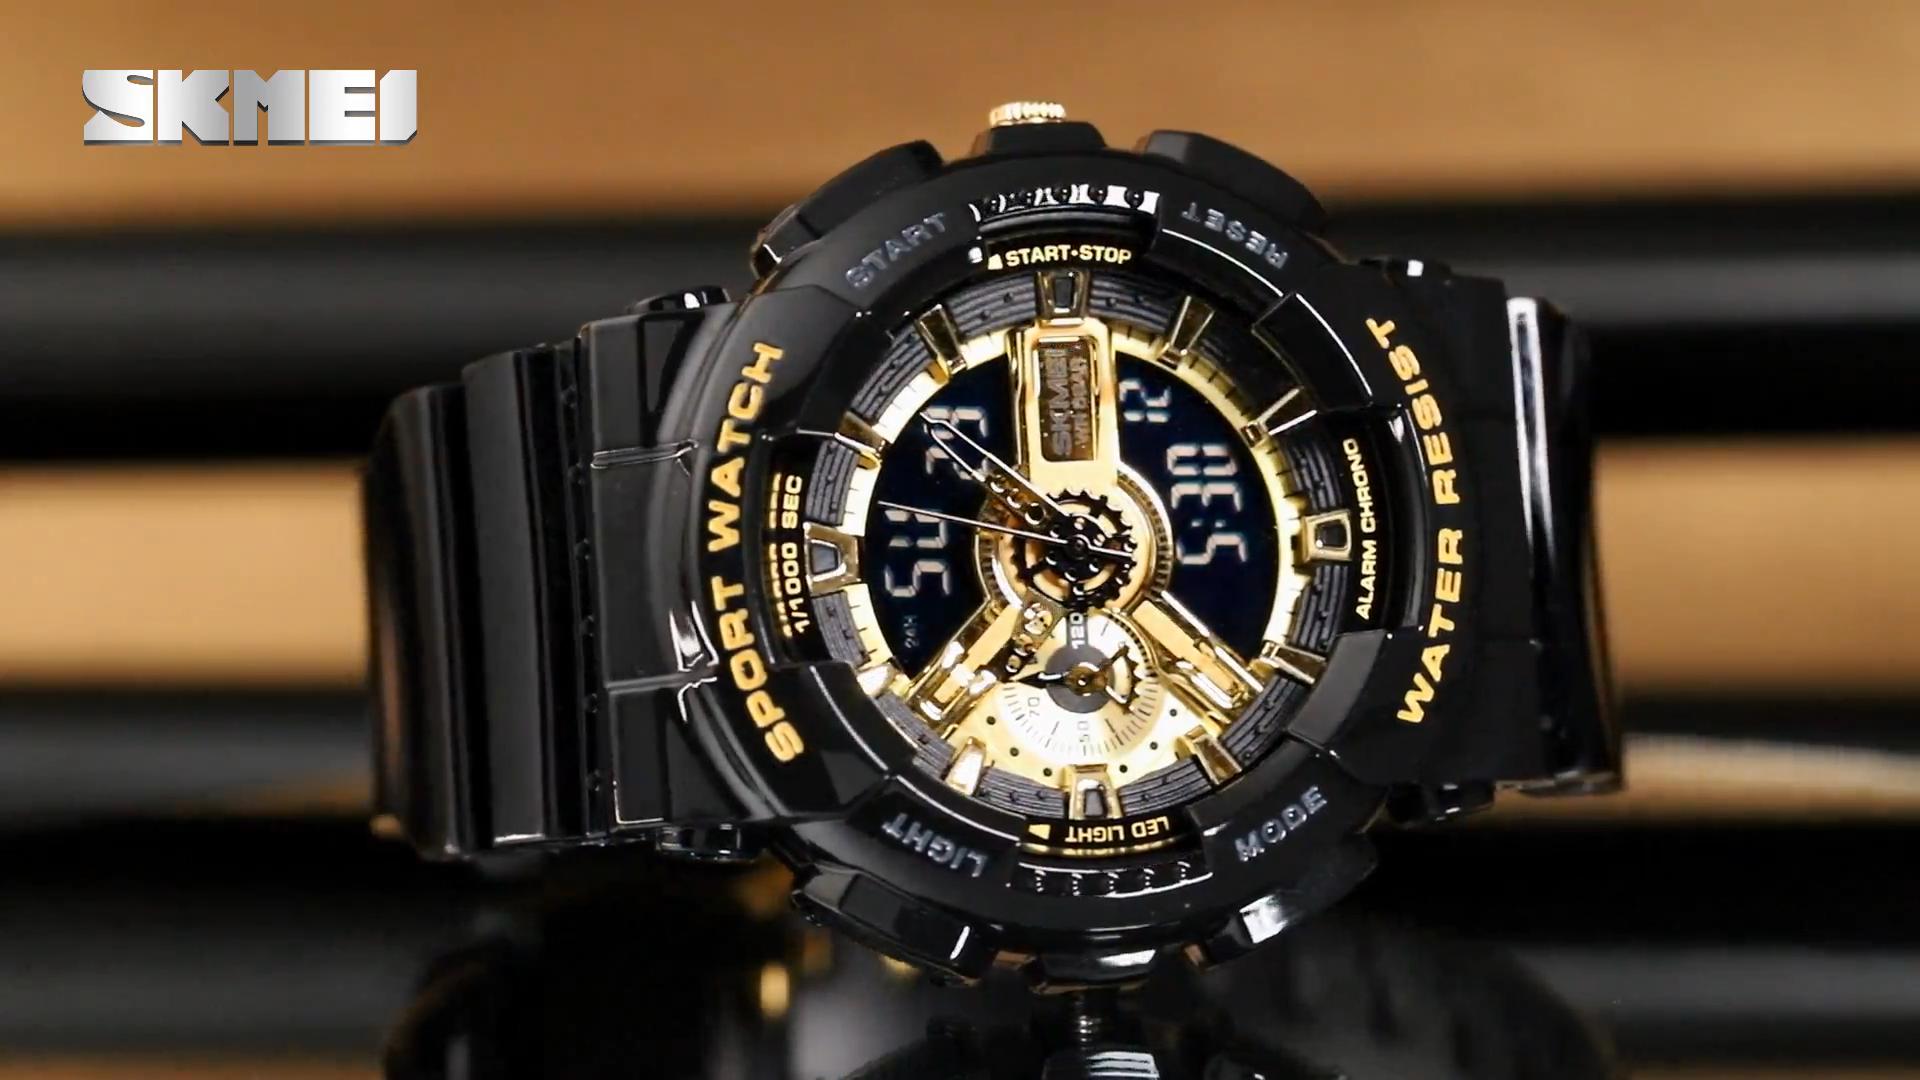 Venta caliente azul del reloj SKMEI los hombres más nuevos relojes de mujer modelo 1688 de doble reloj de lujo de oem